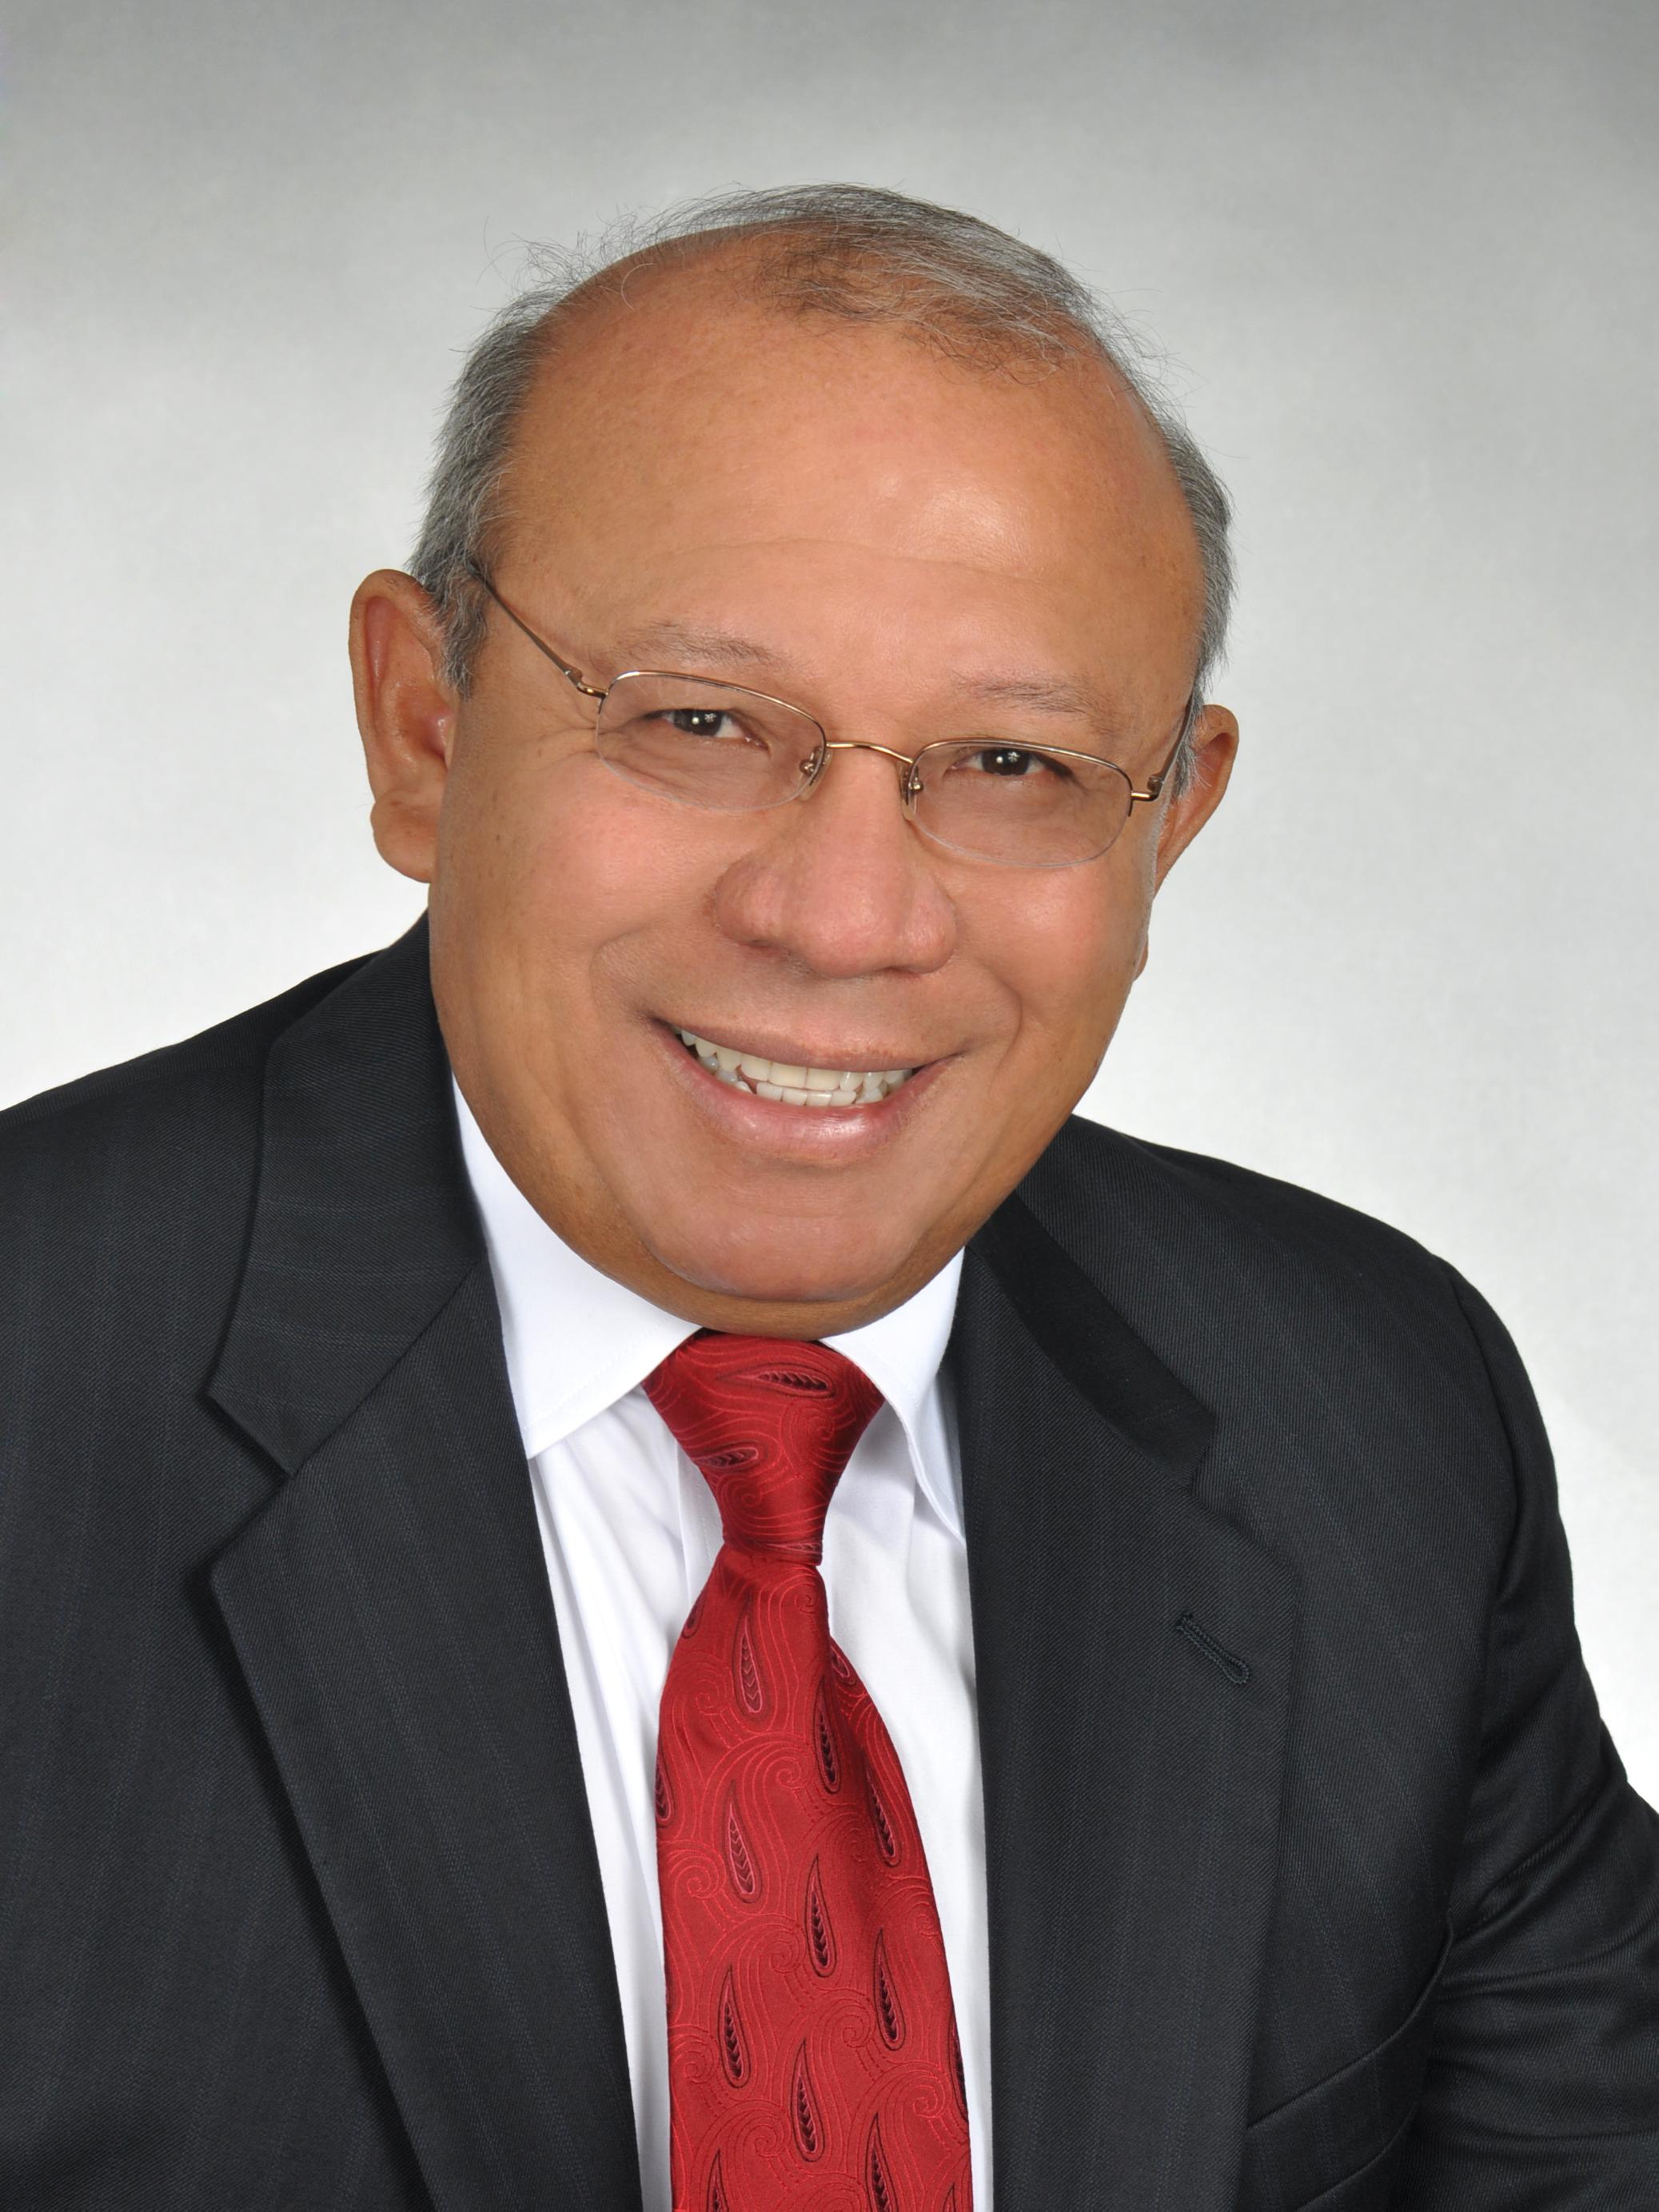 HECTOR ARTURO GOMEZ